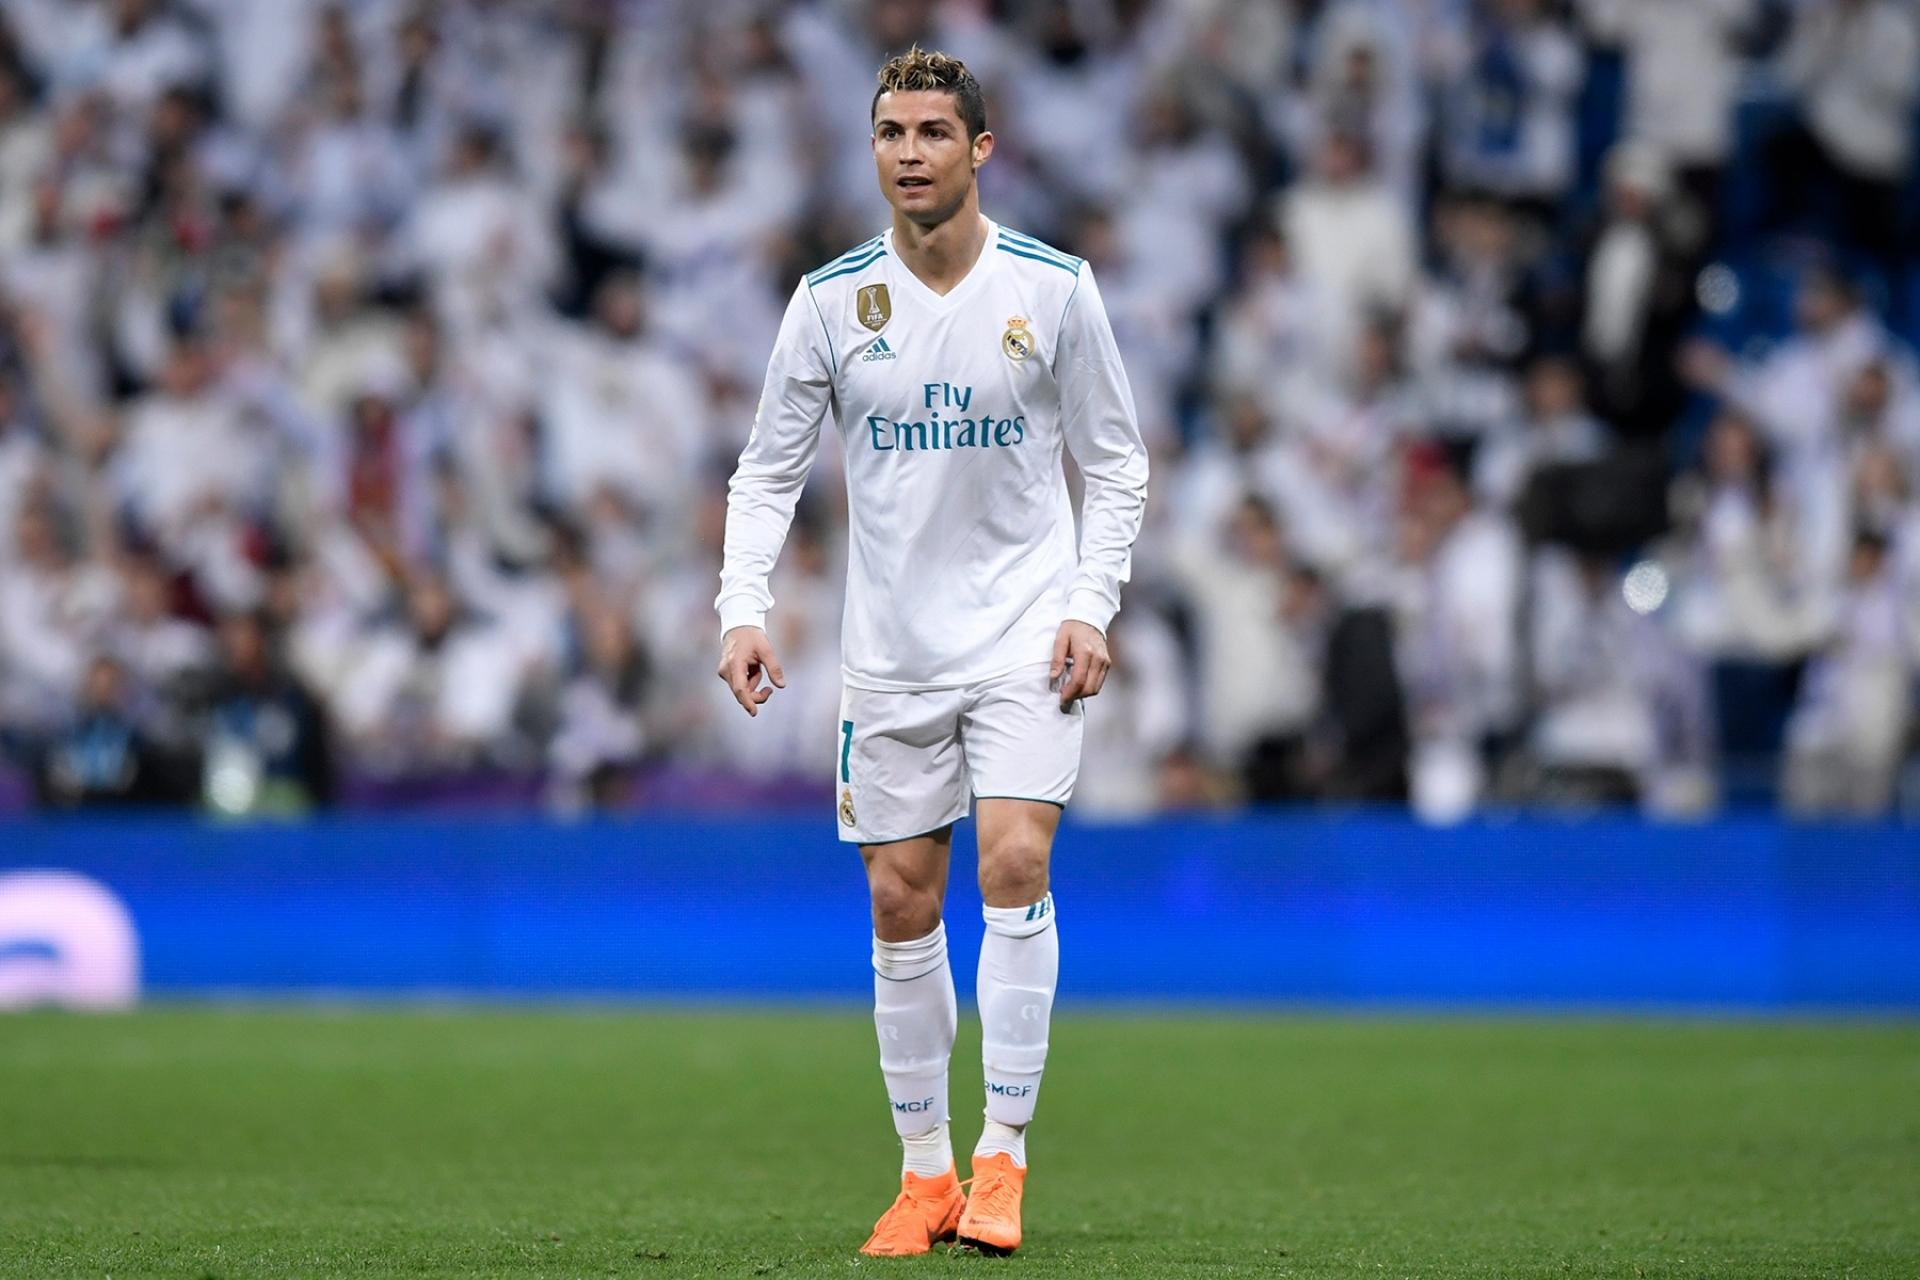 بالصور صوركرستيانو رونالدو 2019 , اجدد الصور لافضل لاعب في العالم رولاندو 4418 10